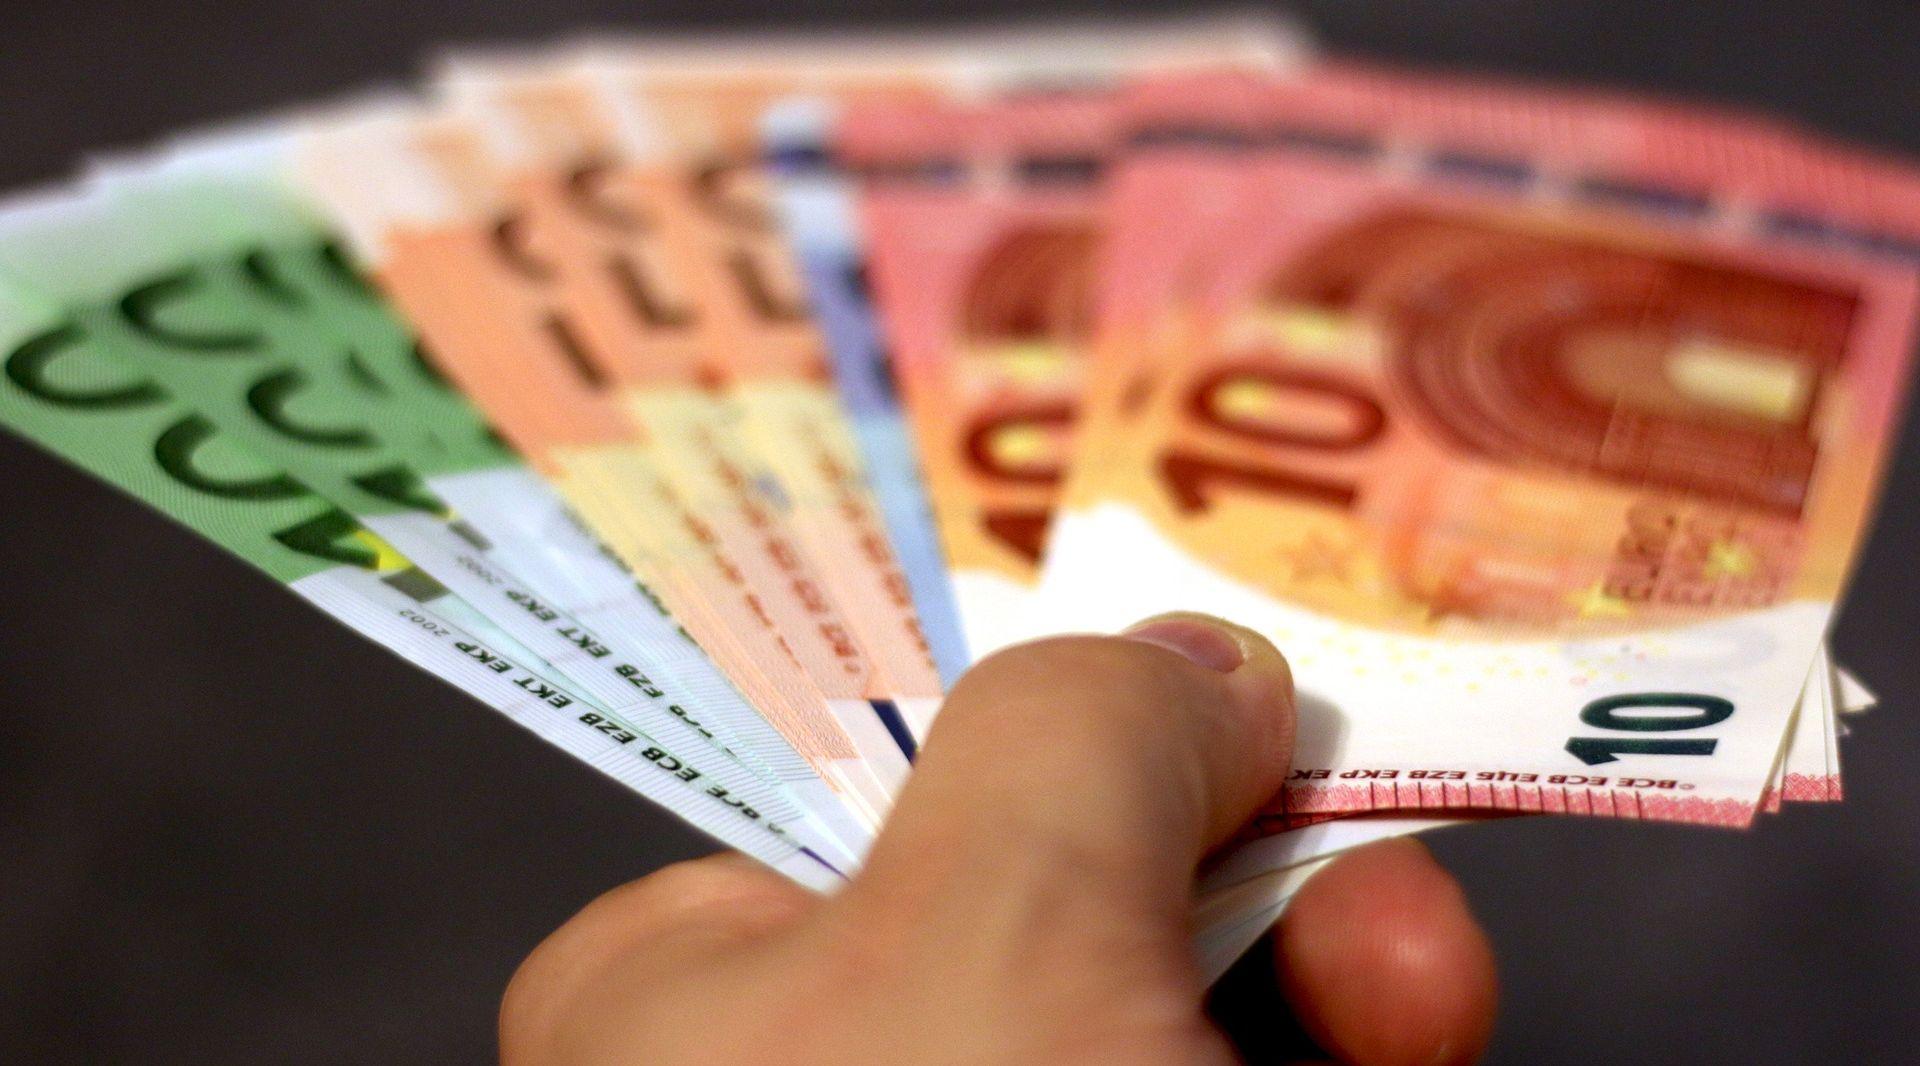 FELJTON Što čeka Hrvatsku nakon uvođenja eura